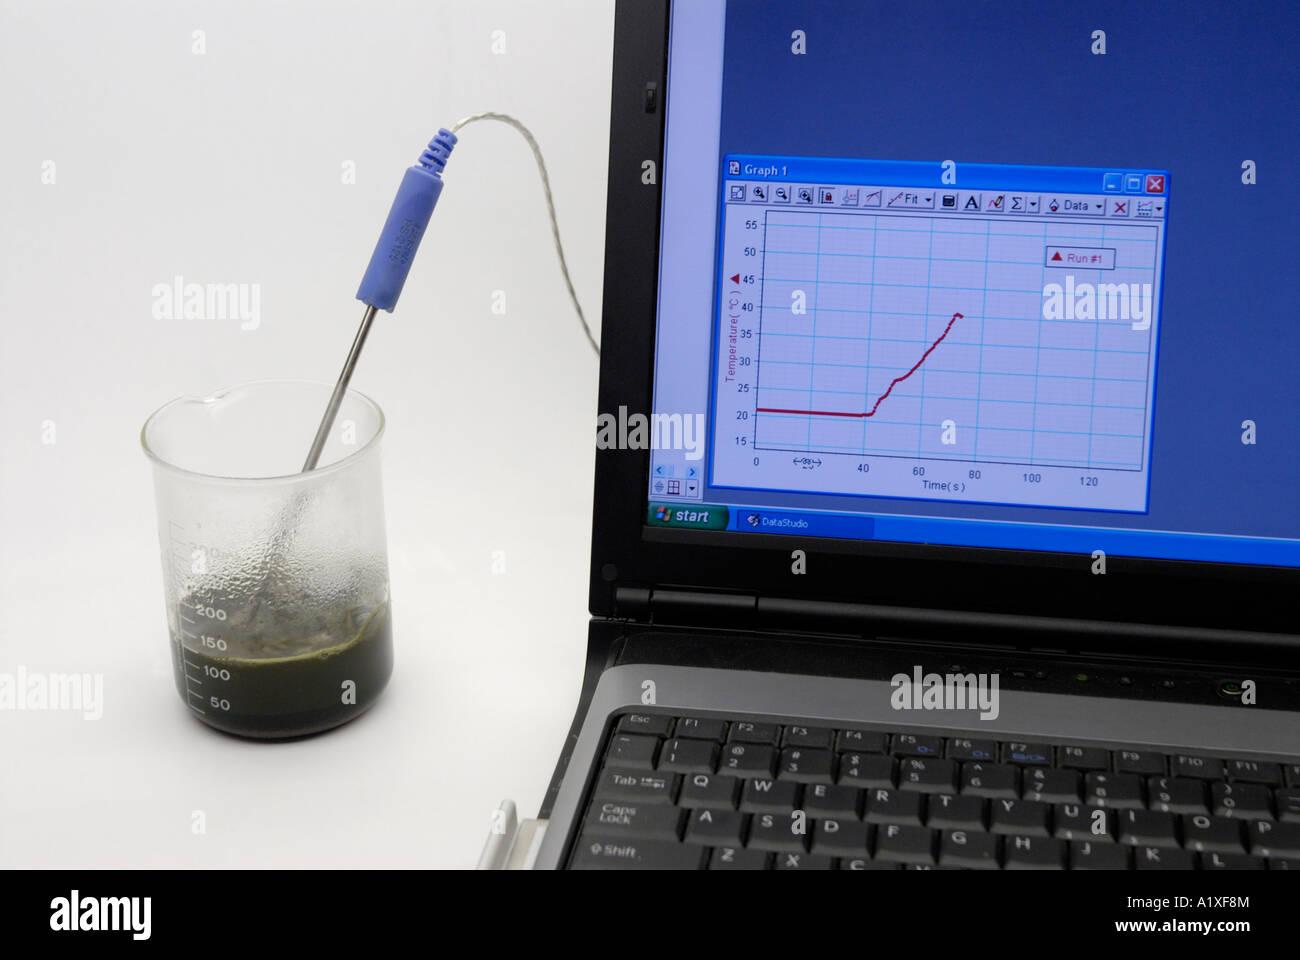 Capteur numérique mesurant la libération de chaleur dans une réaction chimique exothermique exergonique Photo Stock